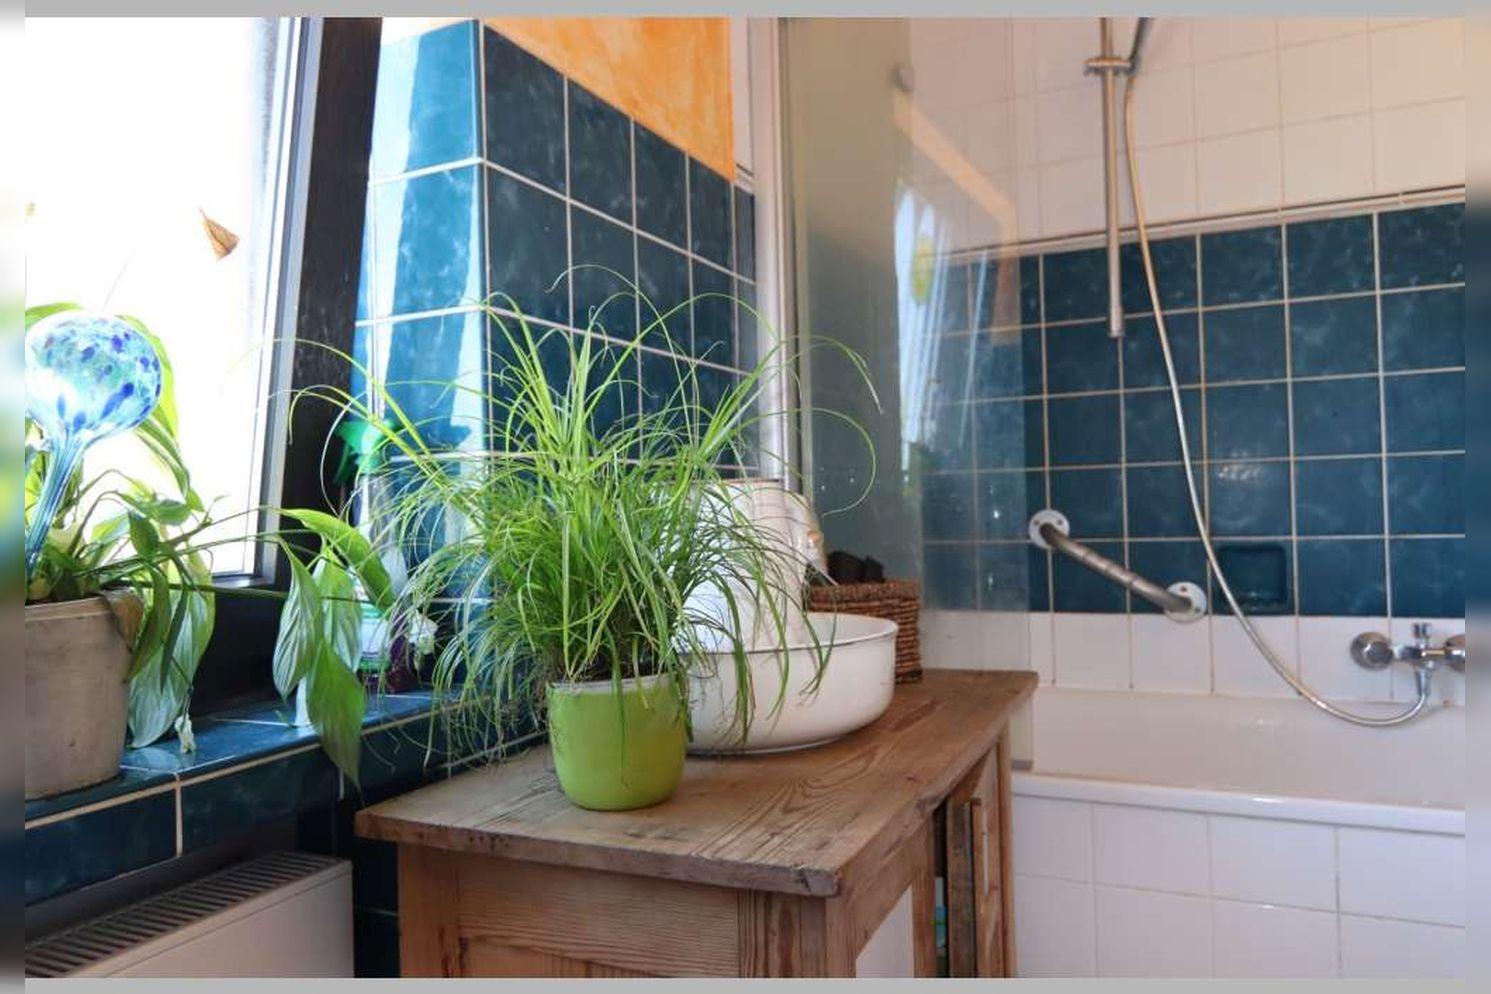 Immobilie Nr.0268 - Reihenmittelhaus mit 4 Zimmern, Küche, Diele, Badezimmer, Gäste-WC, Garten, Garage und Stellplätzen - Bild 17.jpg